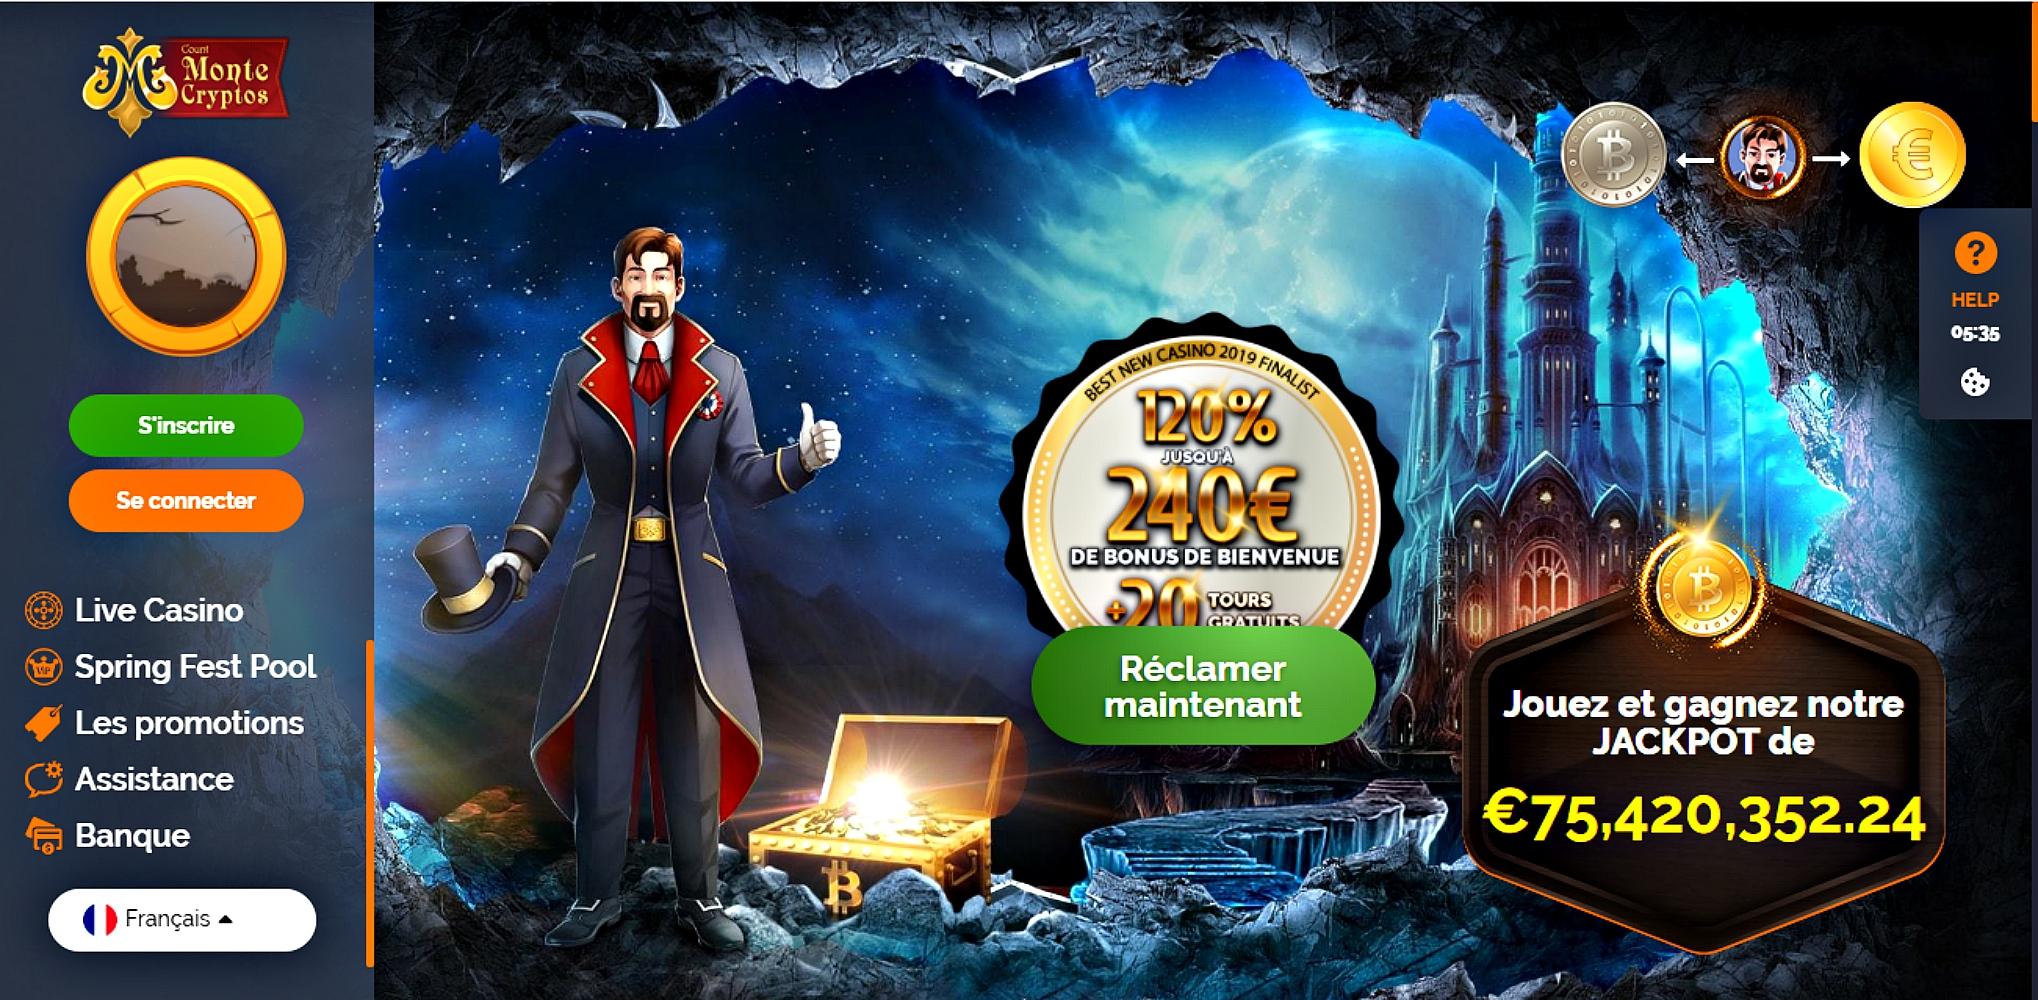 Montecrypto casino avis : la plateforme récente des jeux en ligne